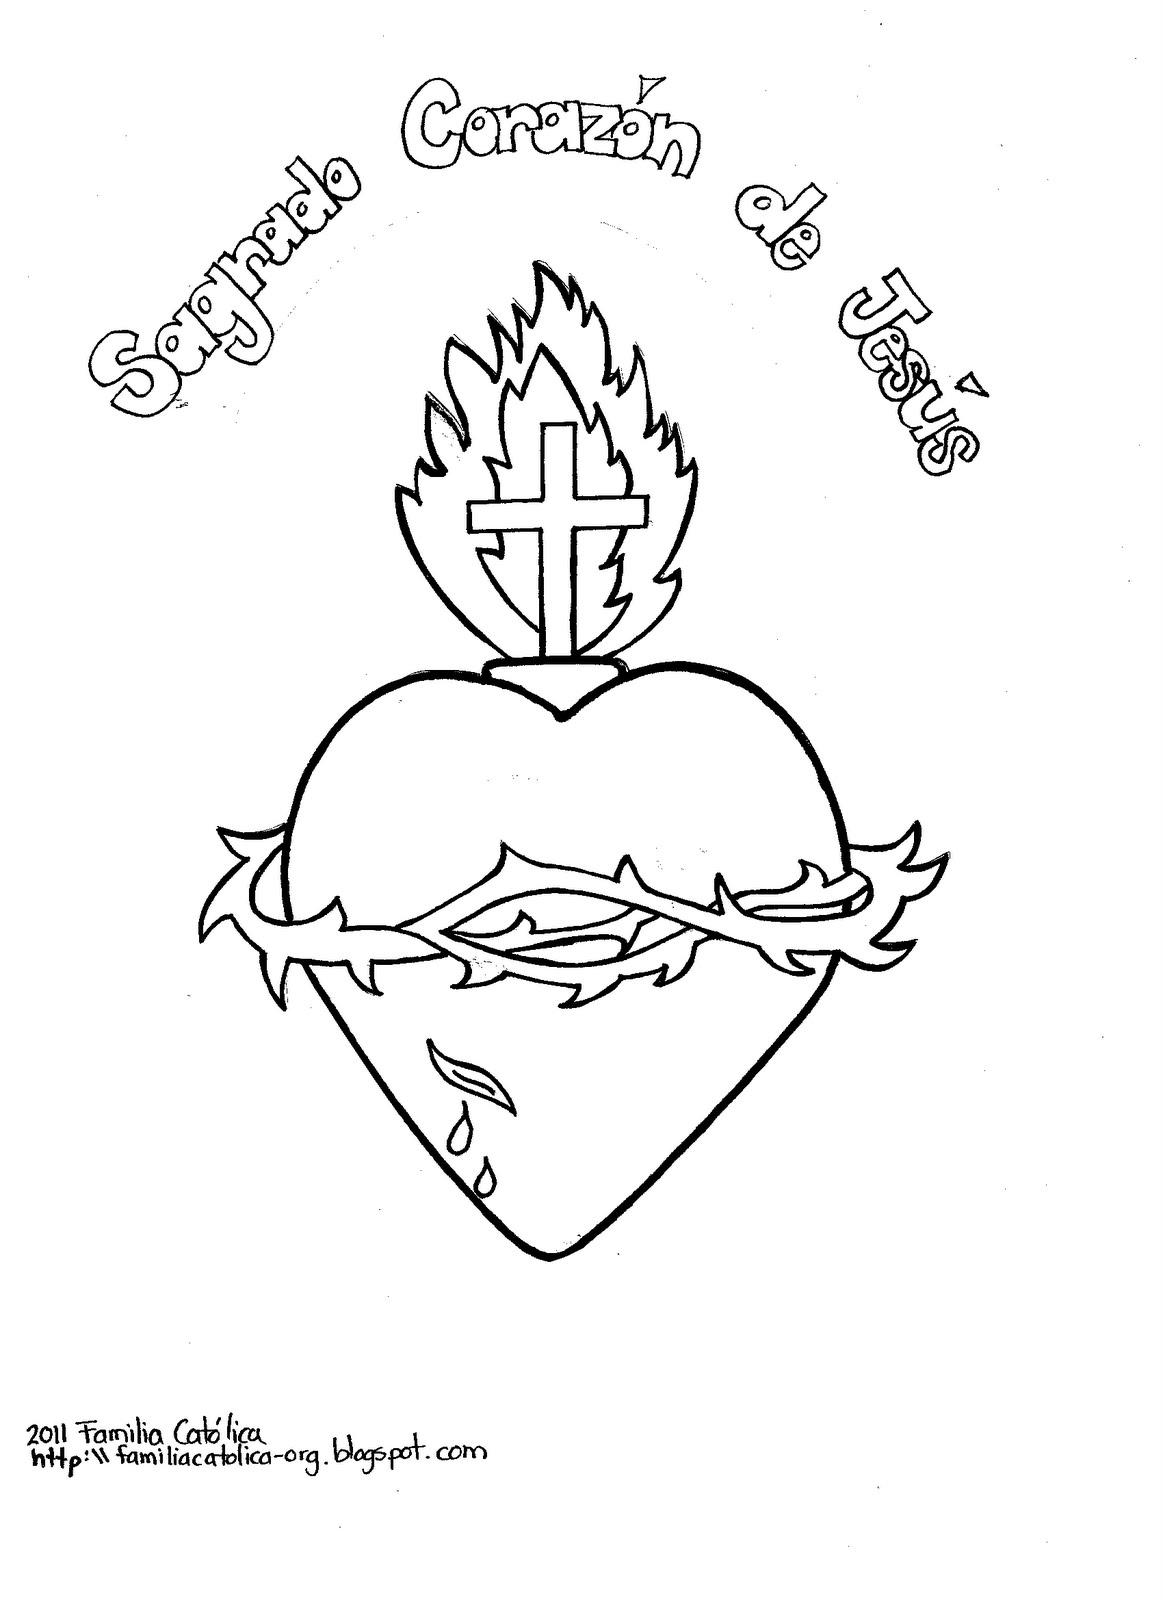 El Sagrado Corazón de Jesús - Coloreado y para colorear.